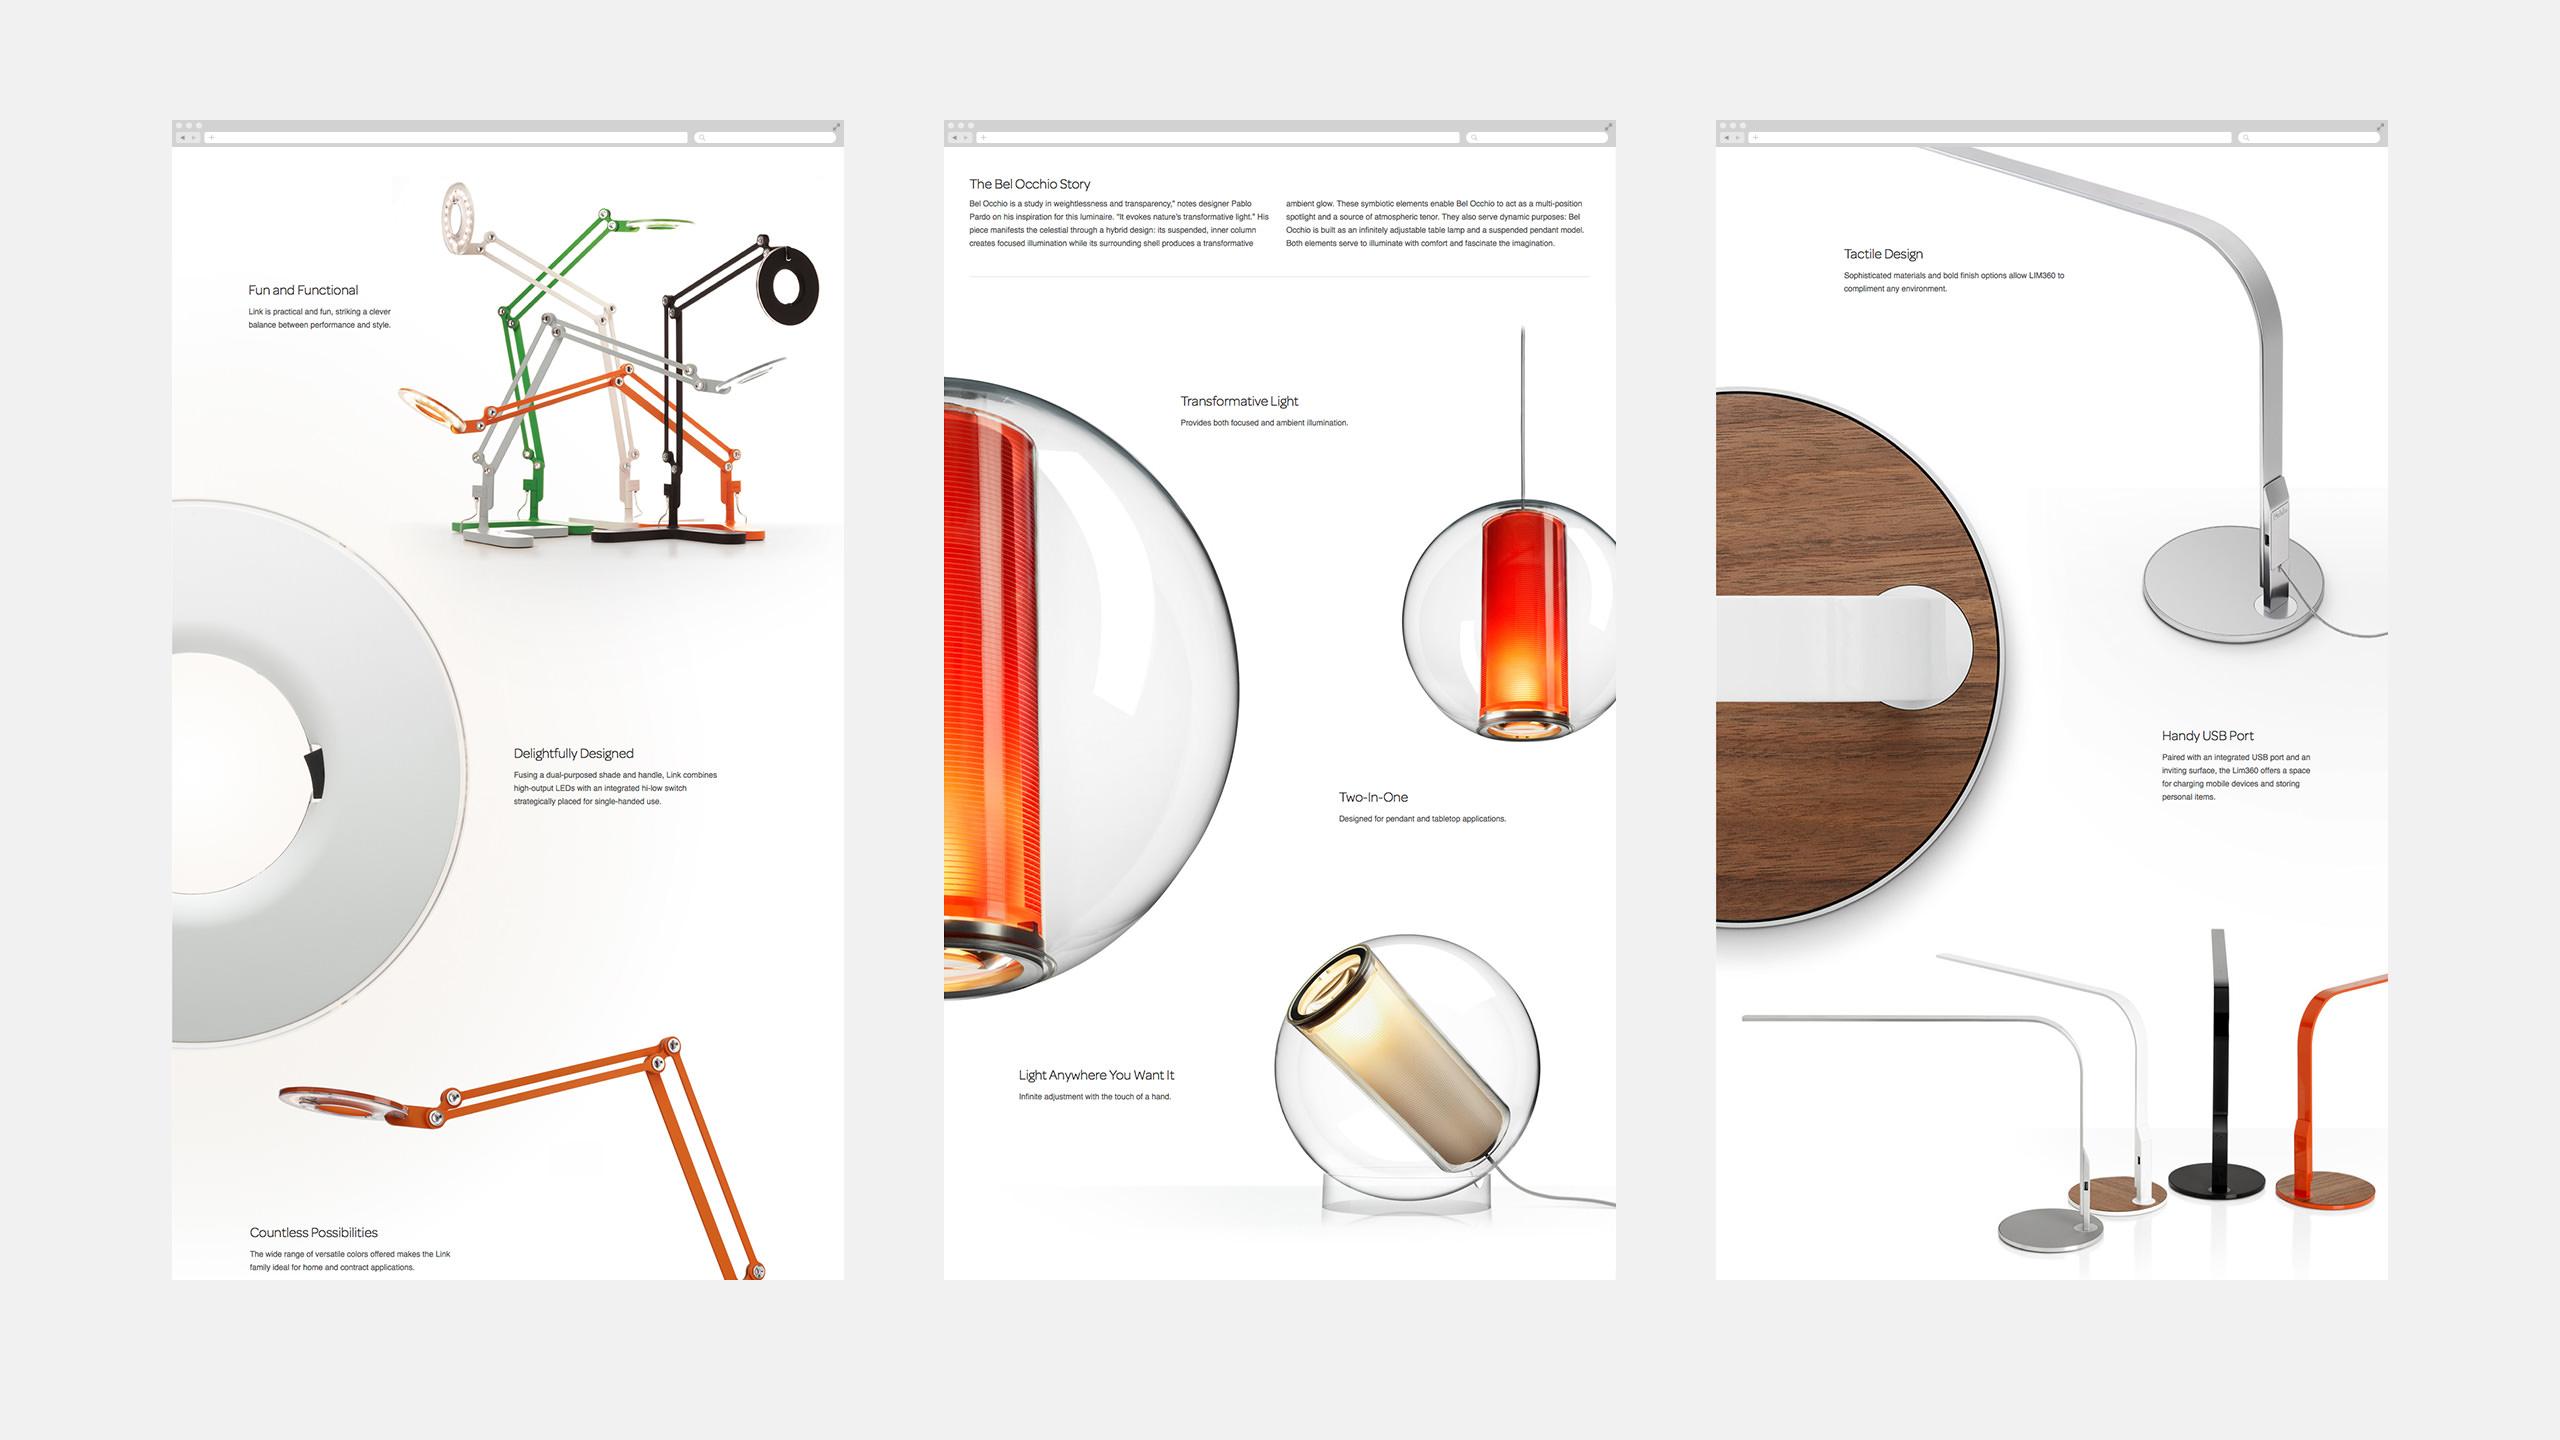 Pablo Designs Website Product Pages - Link, Bel Occhio, Lim360